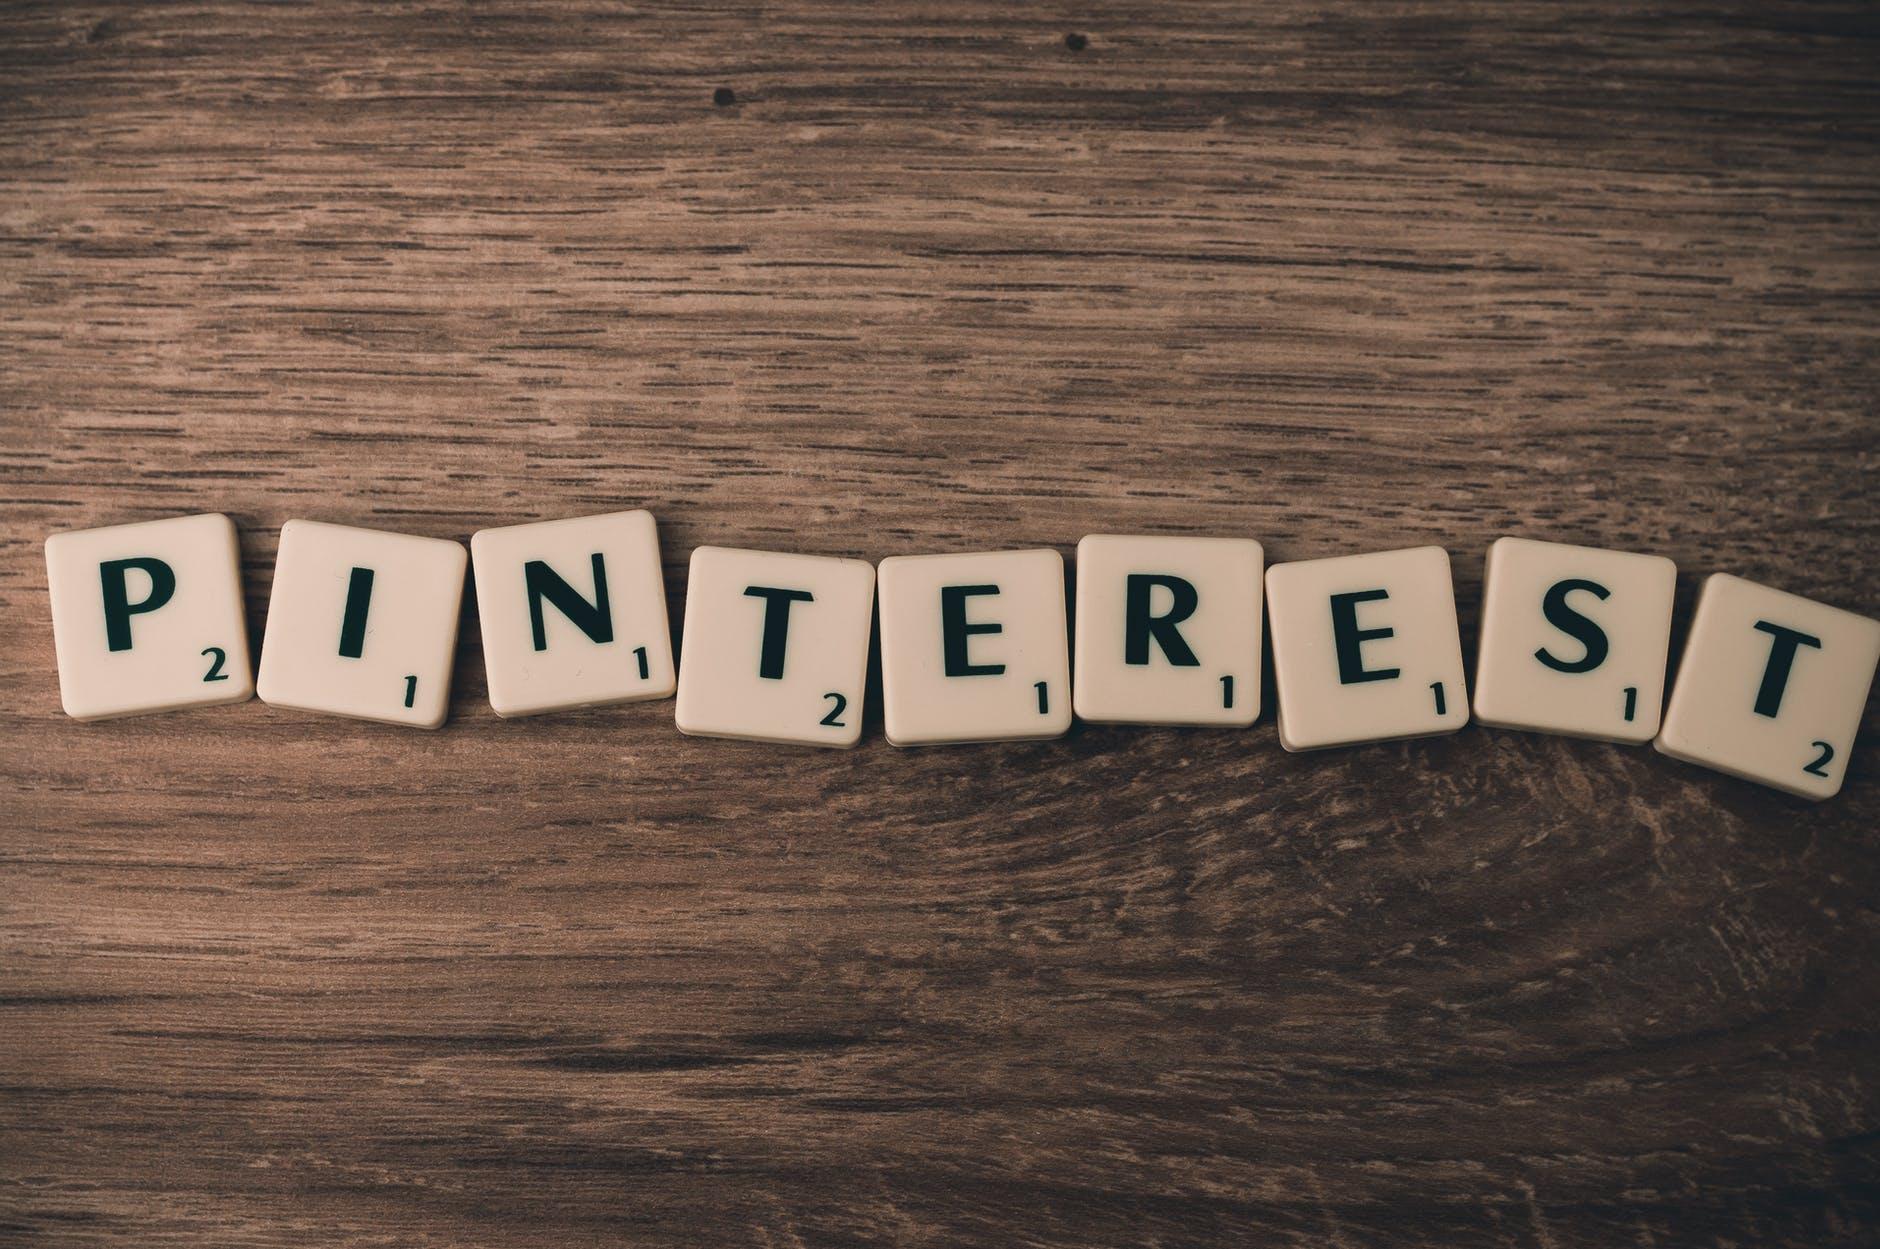 7 estratégias Growth secretas para o Pinterest Business 2021